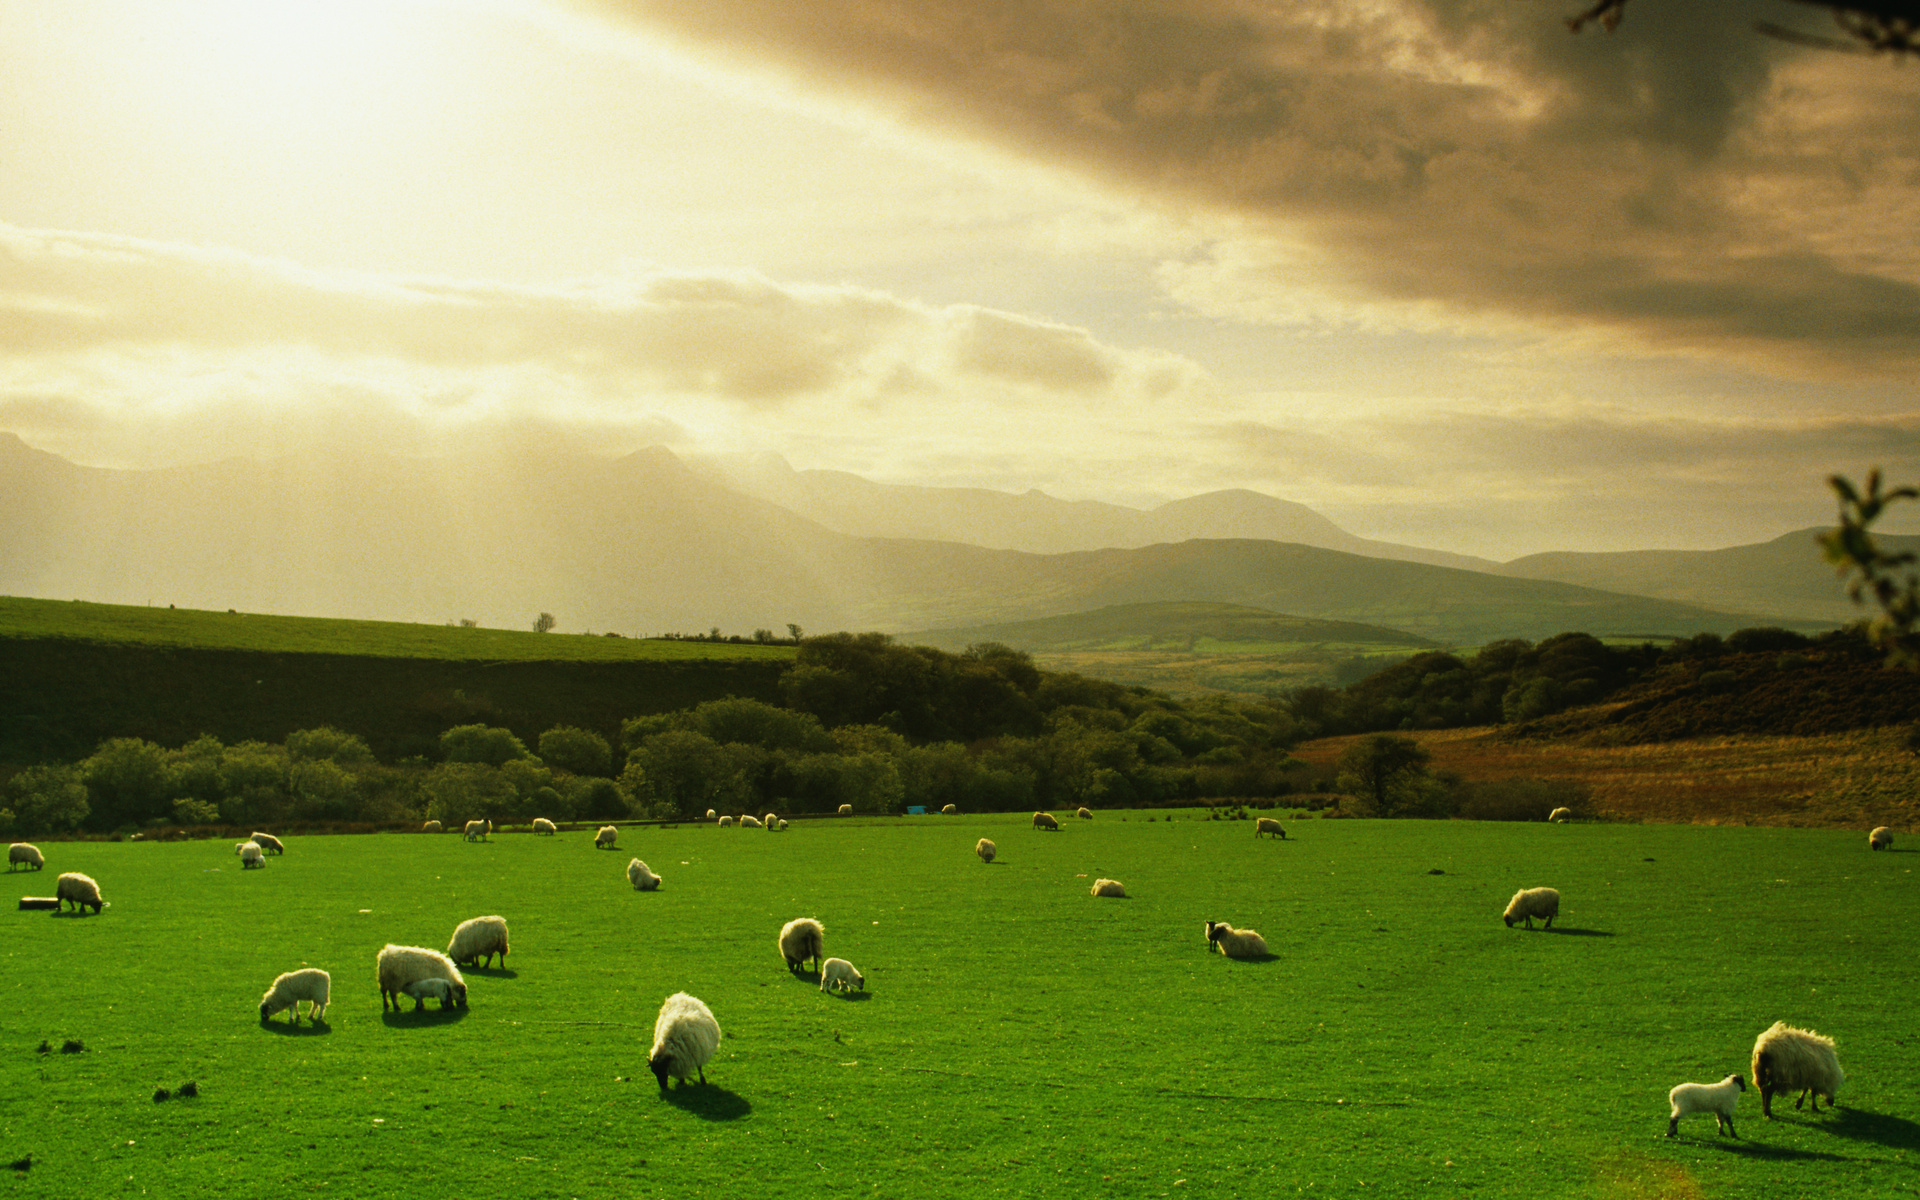 последнем картинки луг с овцами что самое